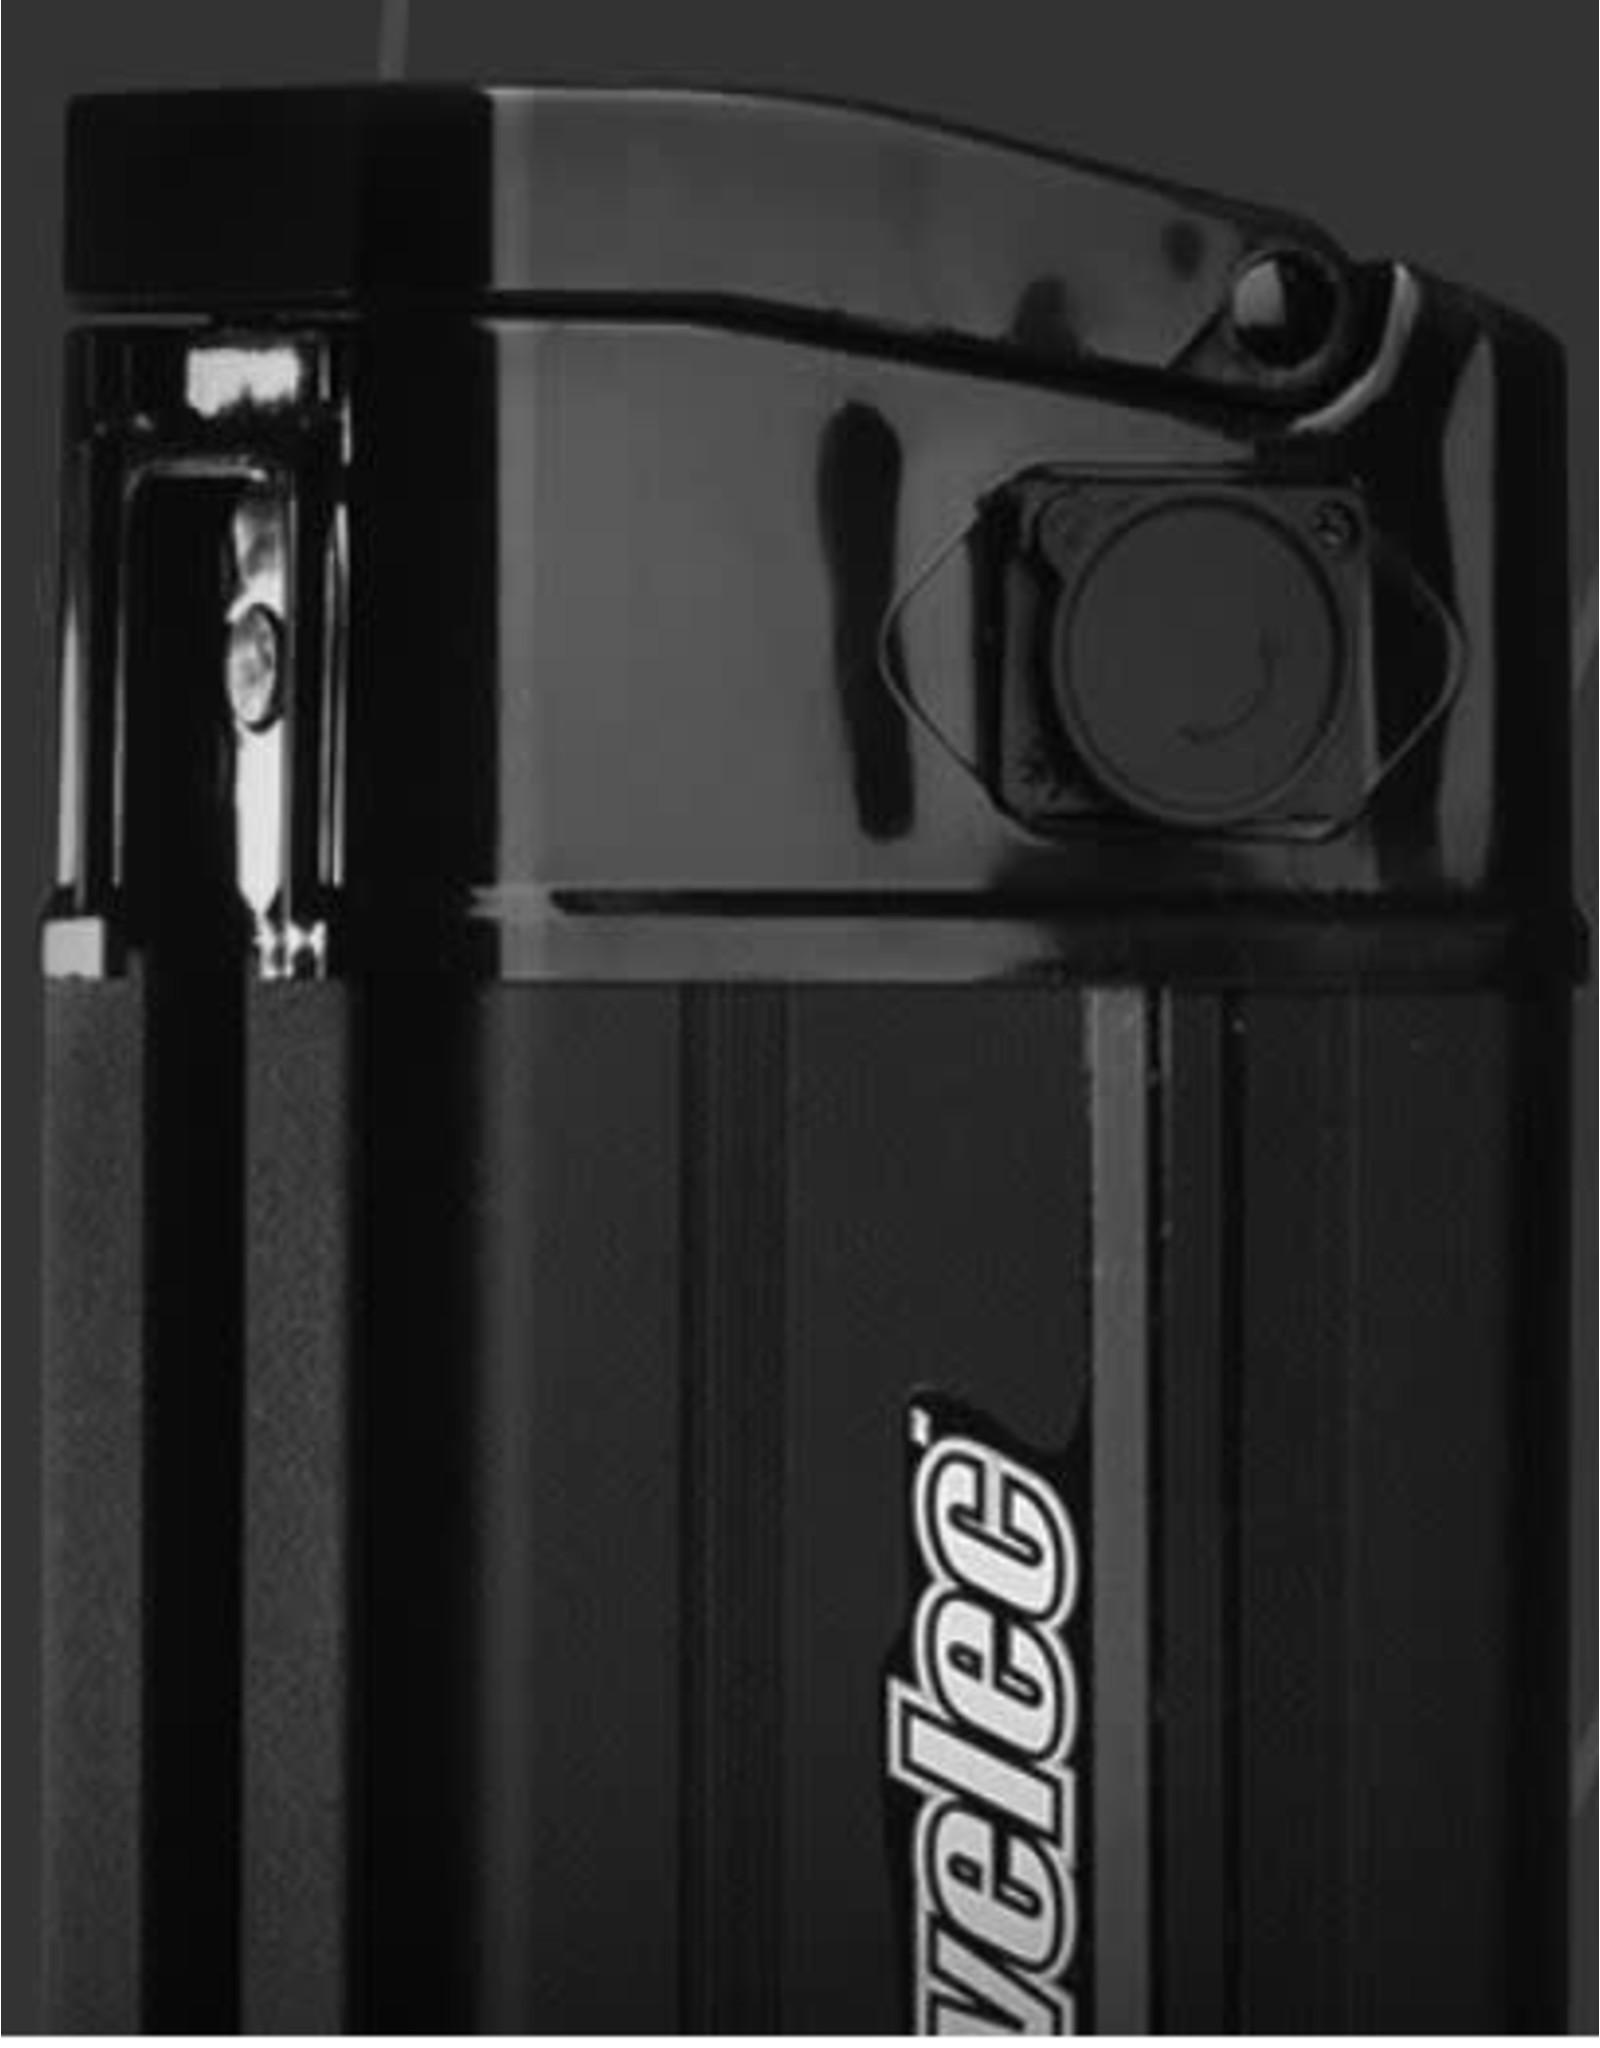 Velec Batterie supplémentaire Velec Citi+/Pro 7Ah 2021 (inclus support et filage)